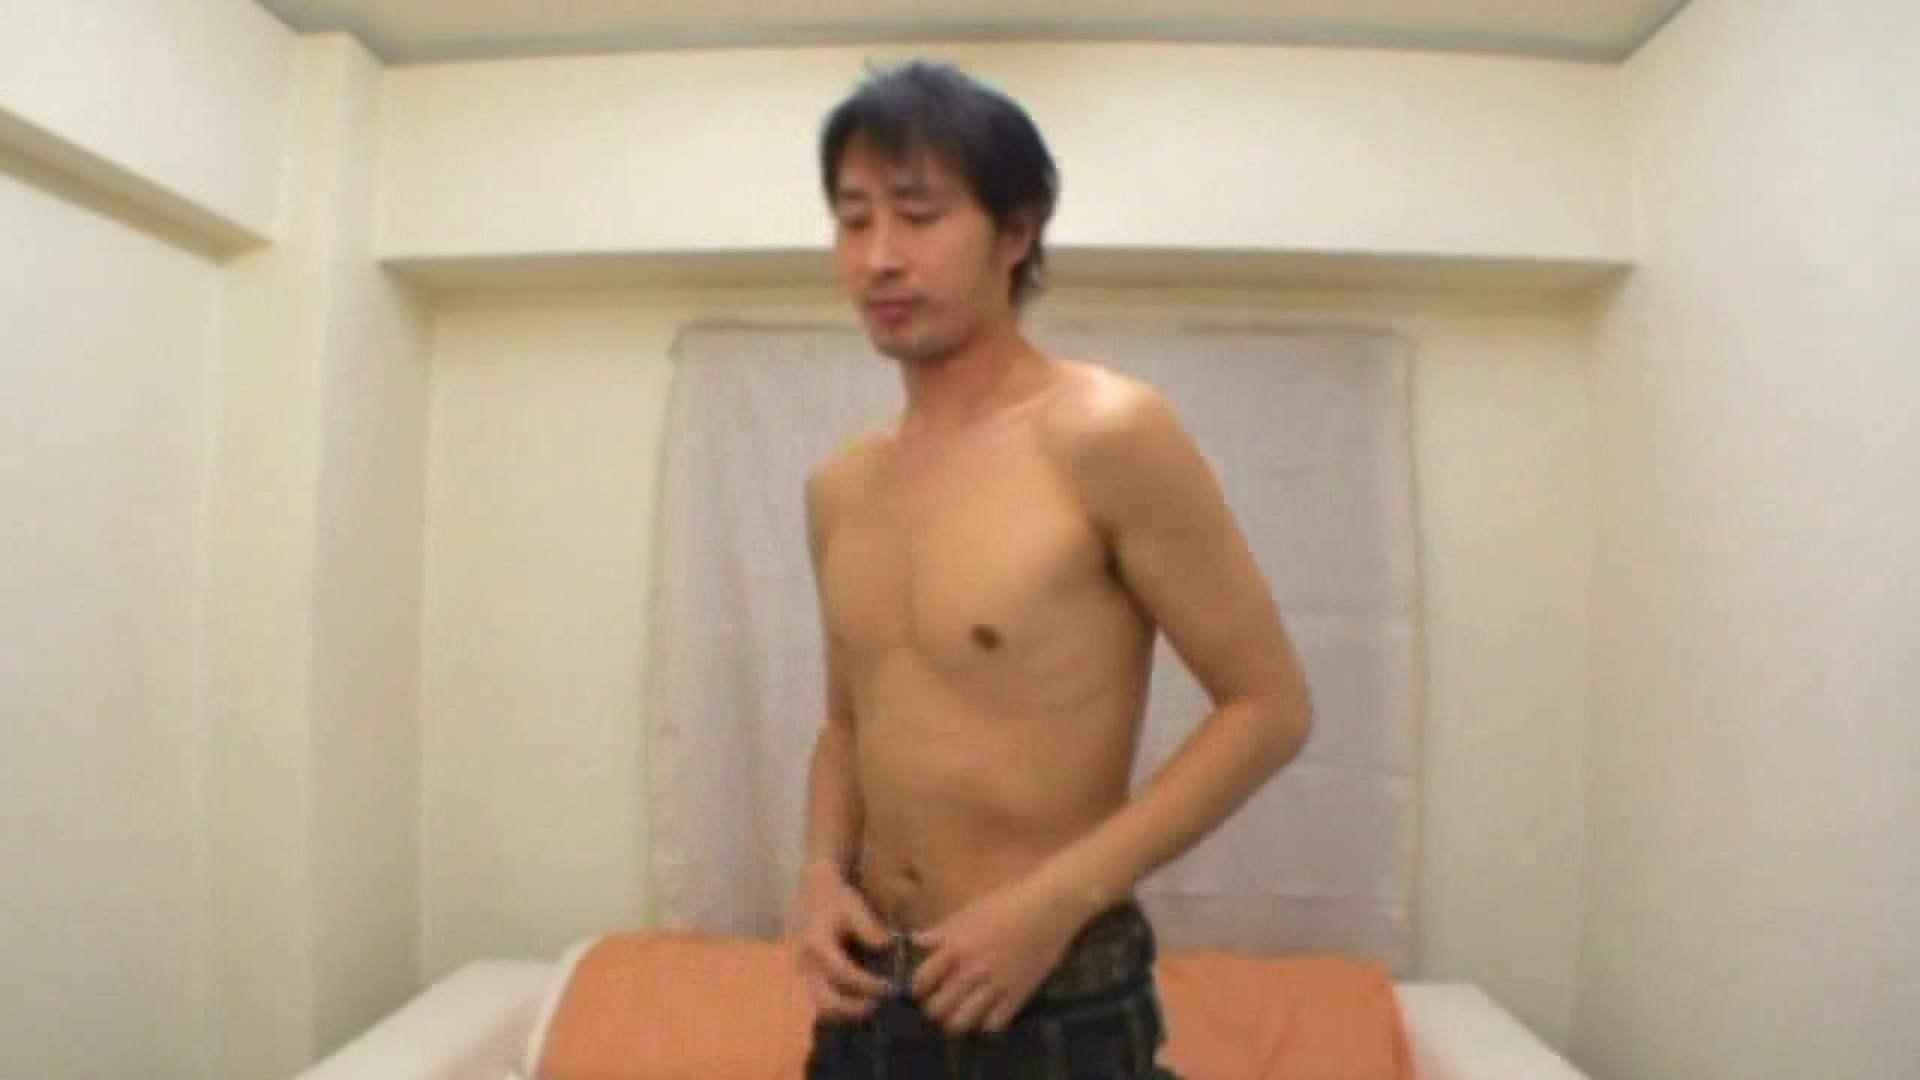 イケメンズエステティック倶楽部Case.02 イケメン ケツマンスケベ画像 99枚 83